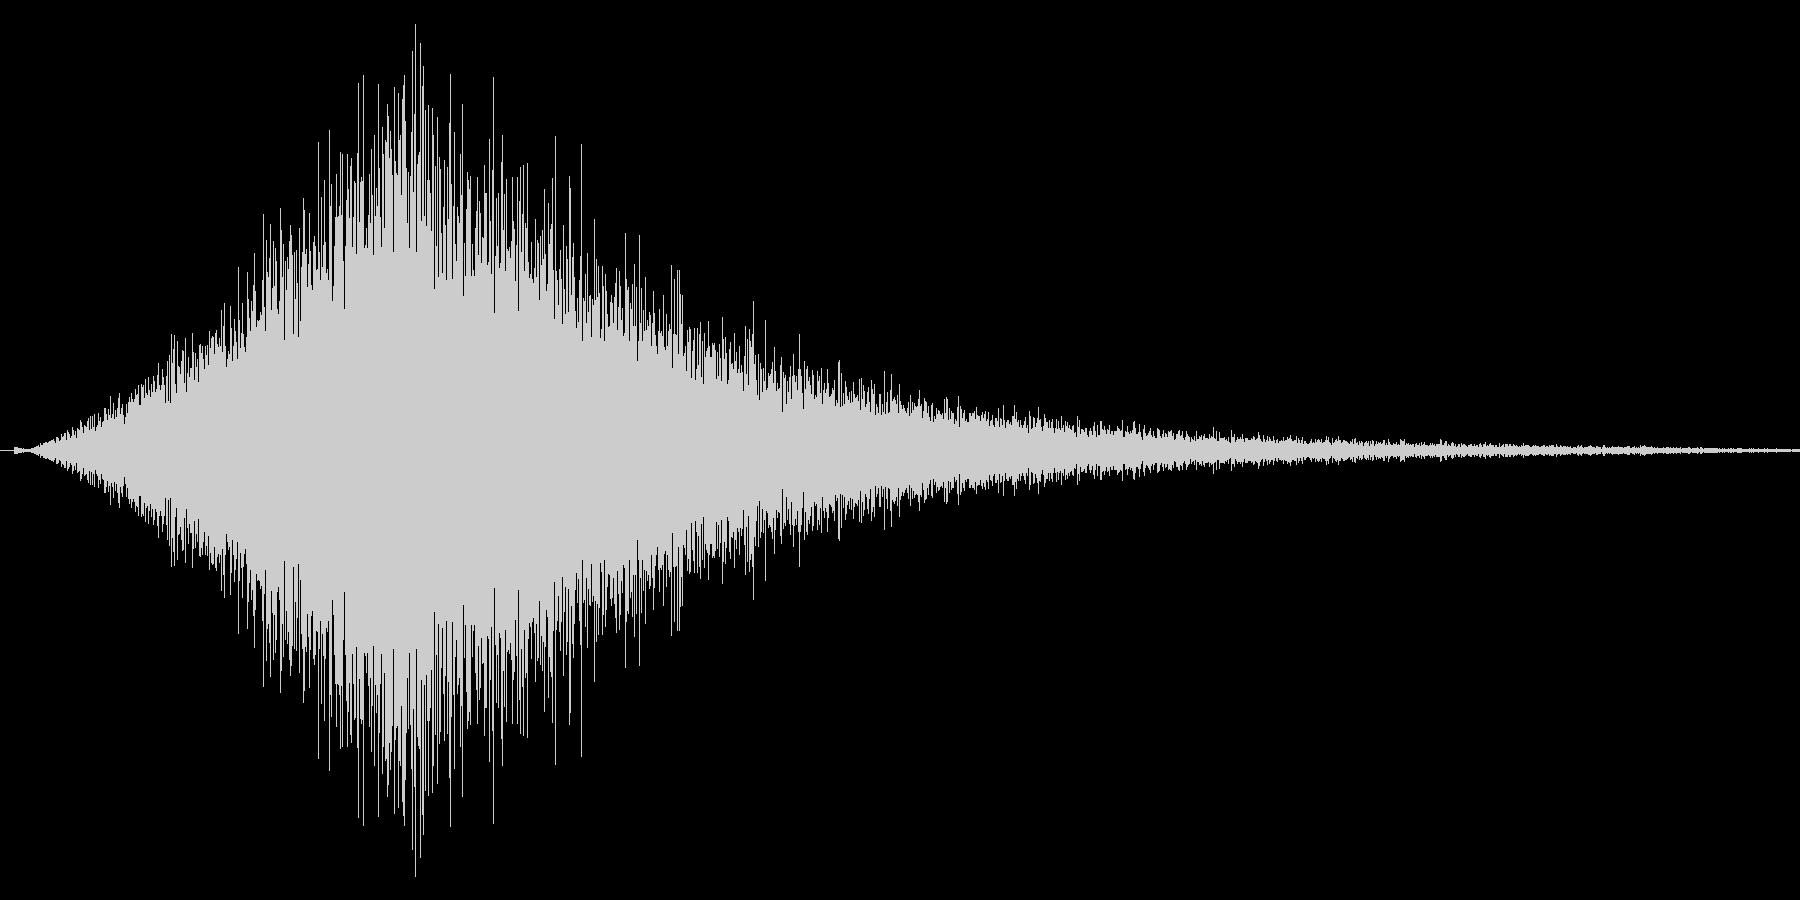 シュウォォ。ジャンプ・舞い降りる音の未再生の波形